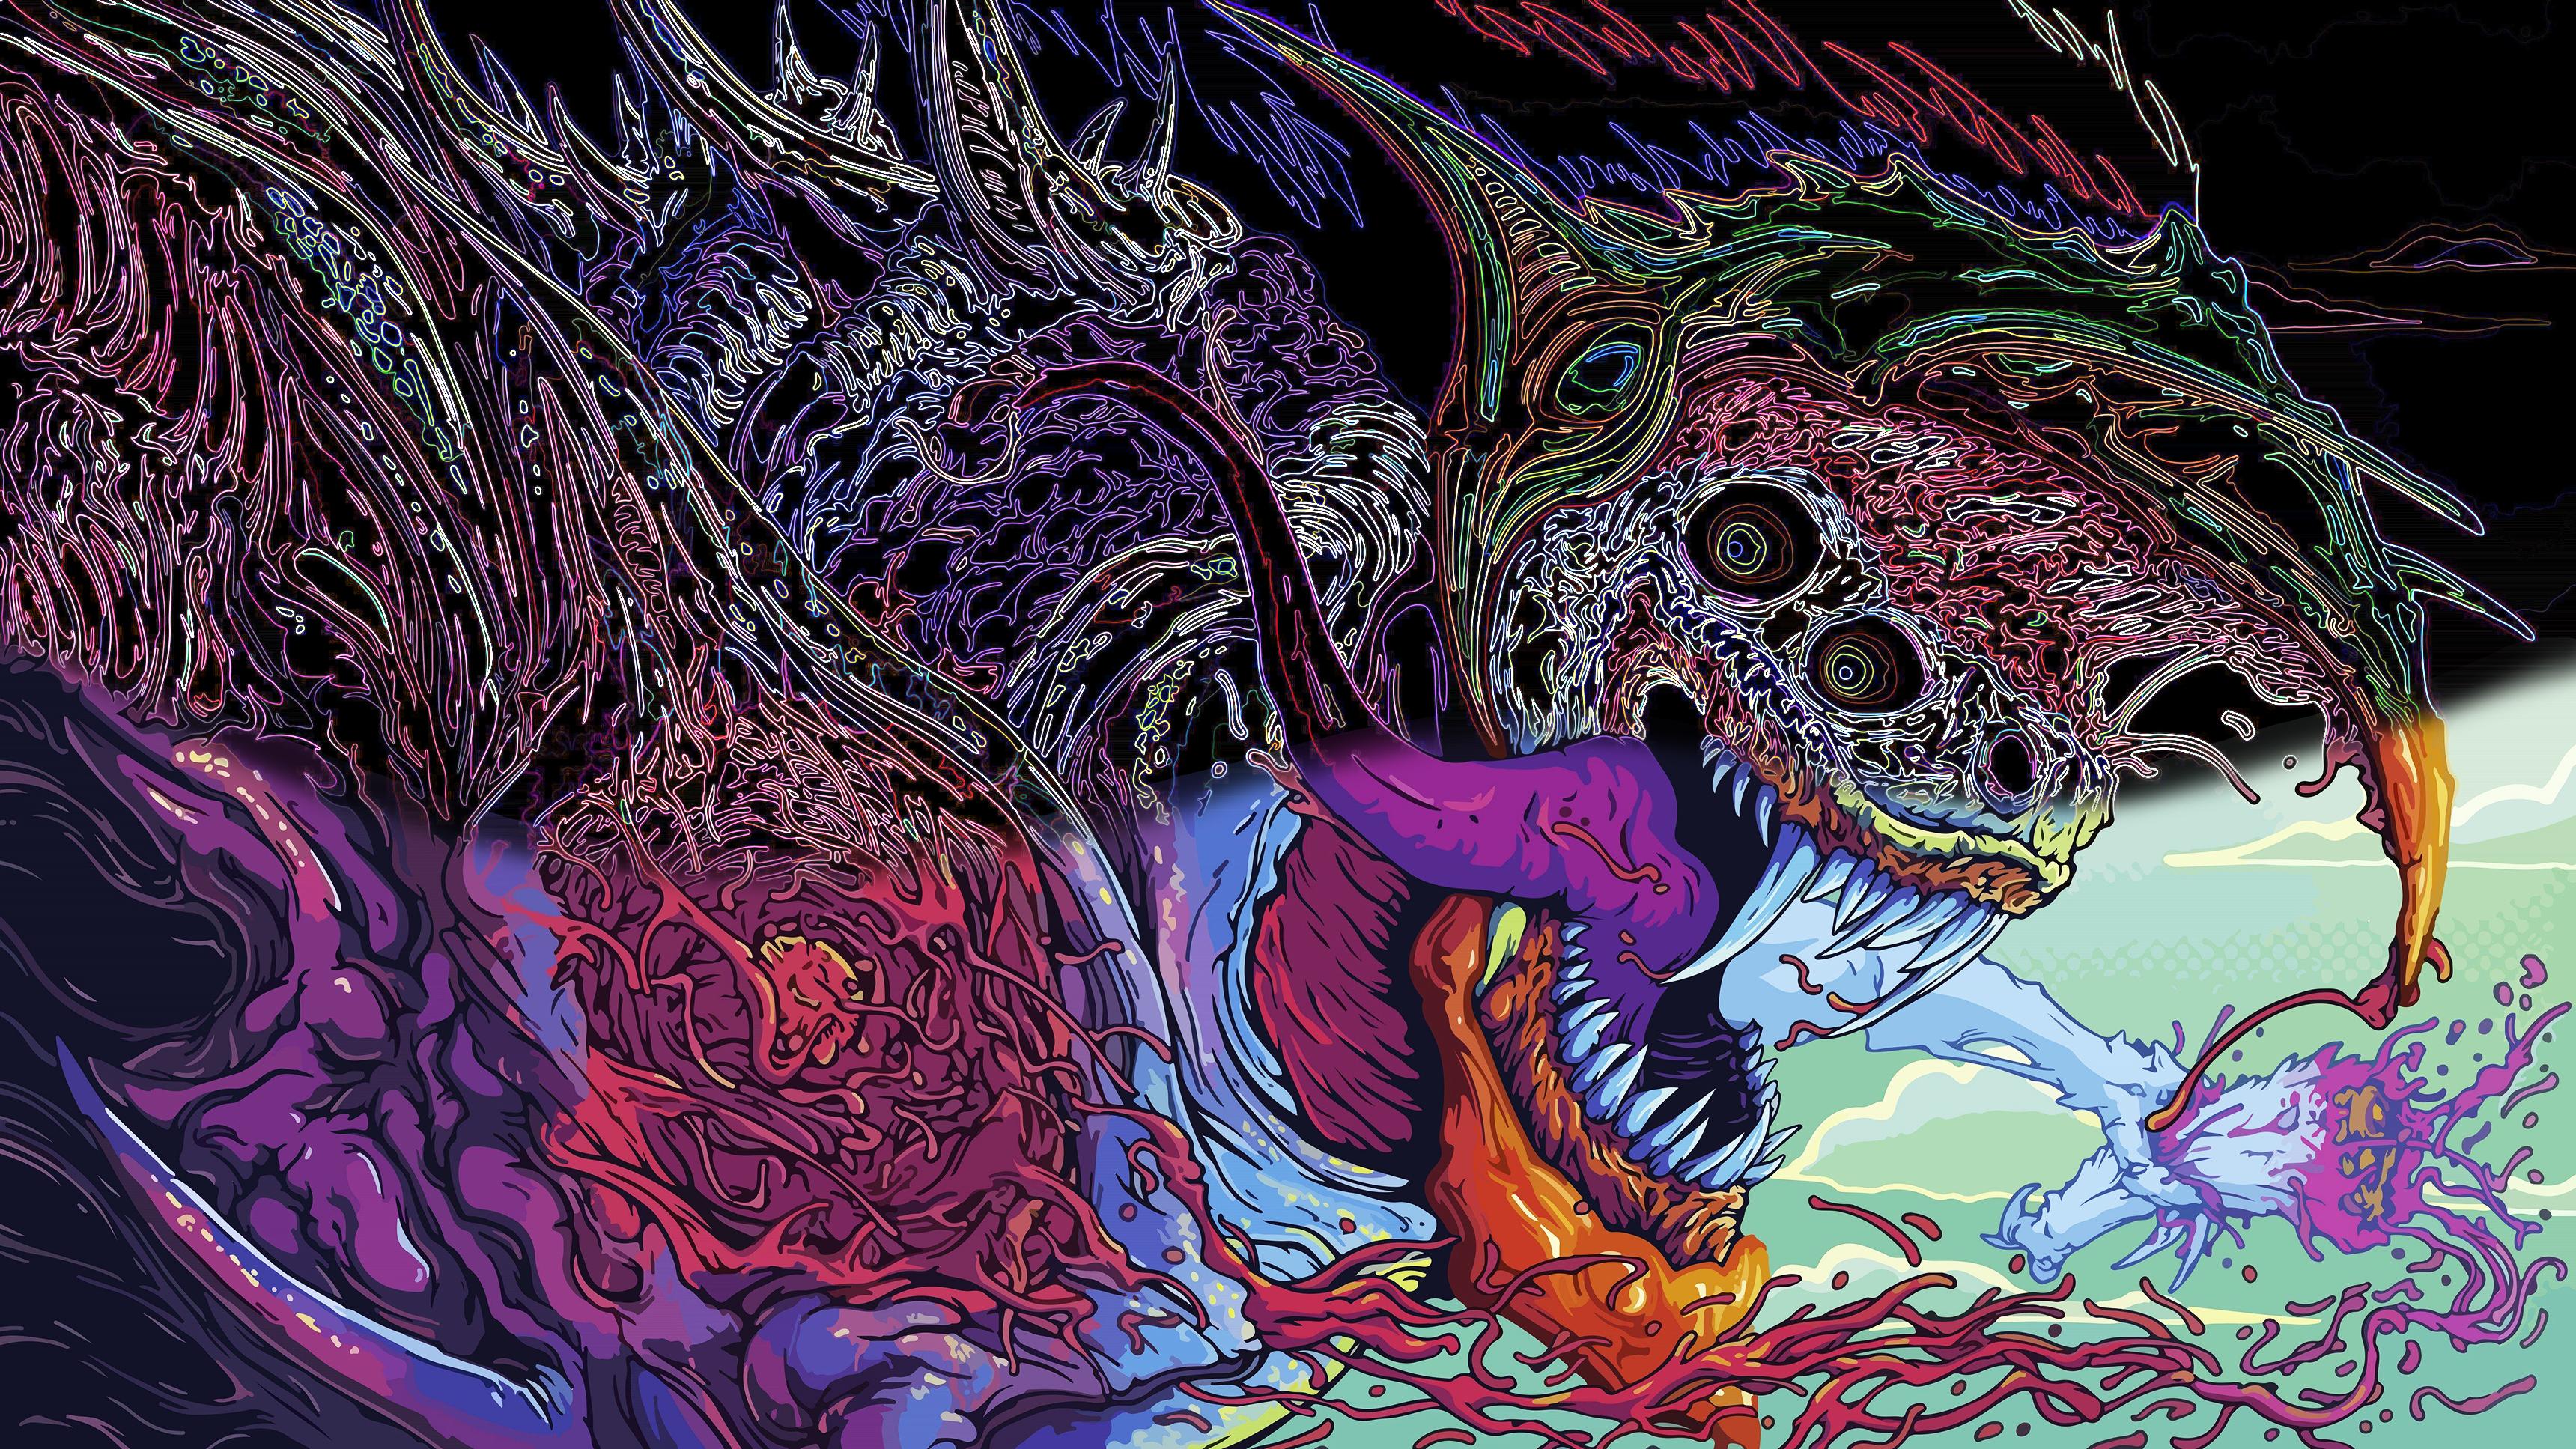 Wallpaper Hyper Beast Edit 3440x1440